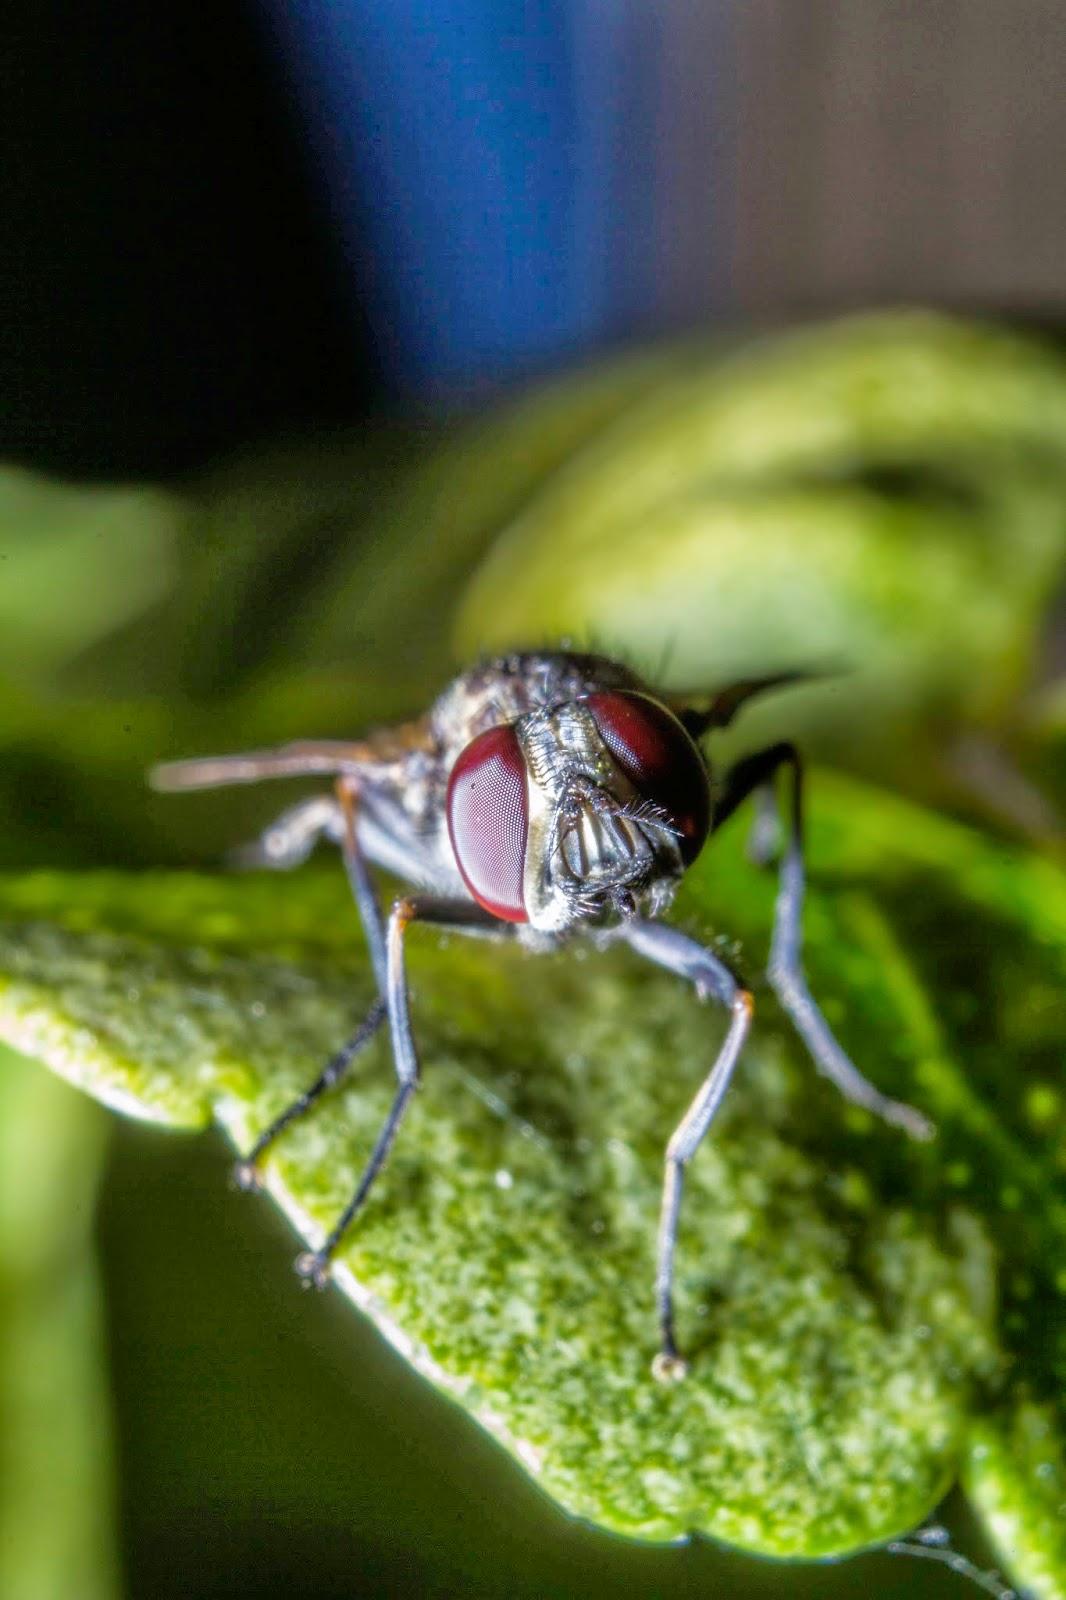 Fotos de moscas e insectos en fotosmacro.blogspot.com